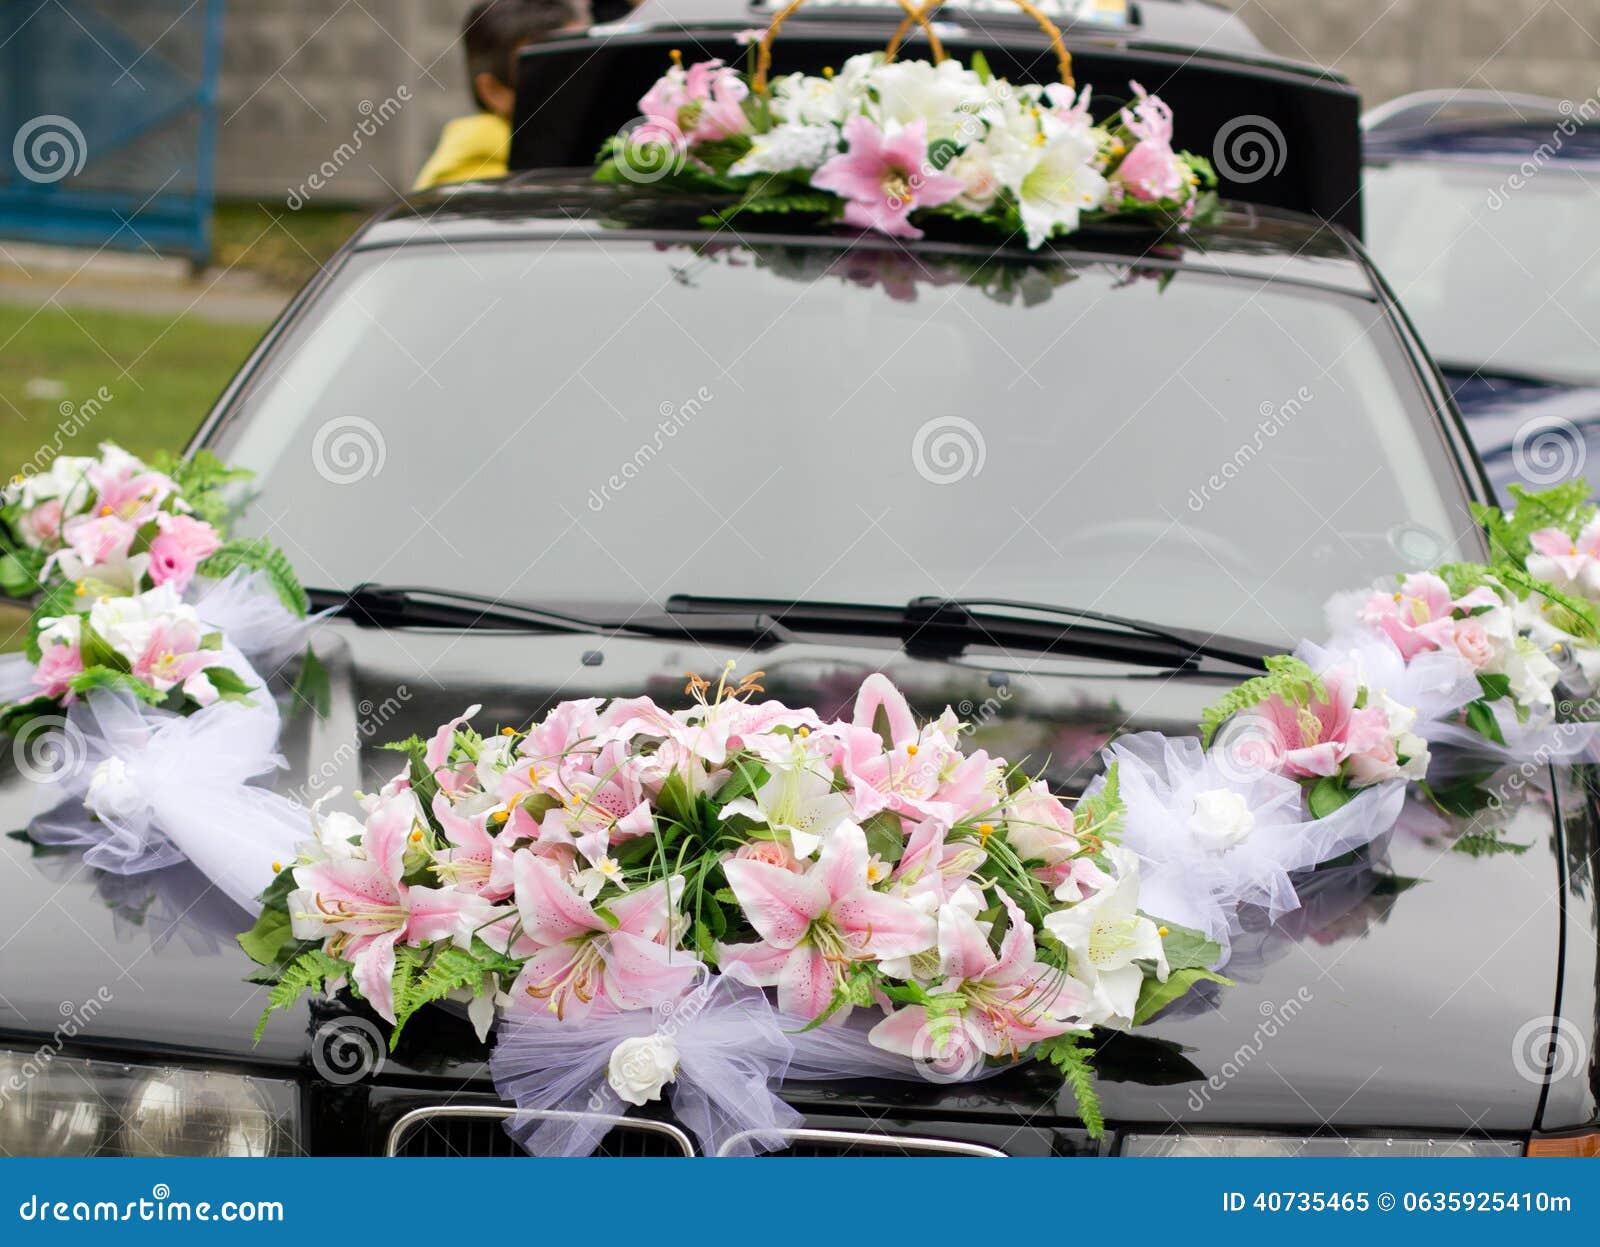 le noir a d 233 cor 233 la voiture de mariage photo stock image 40735465